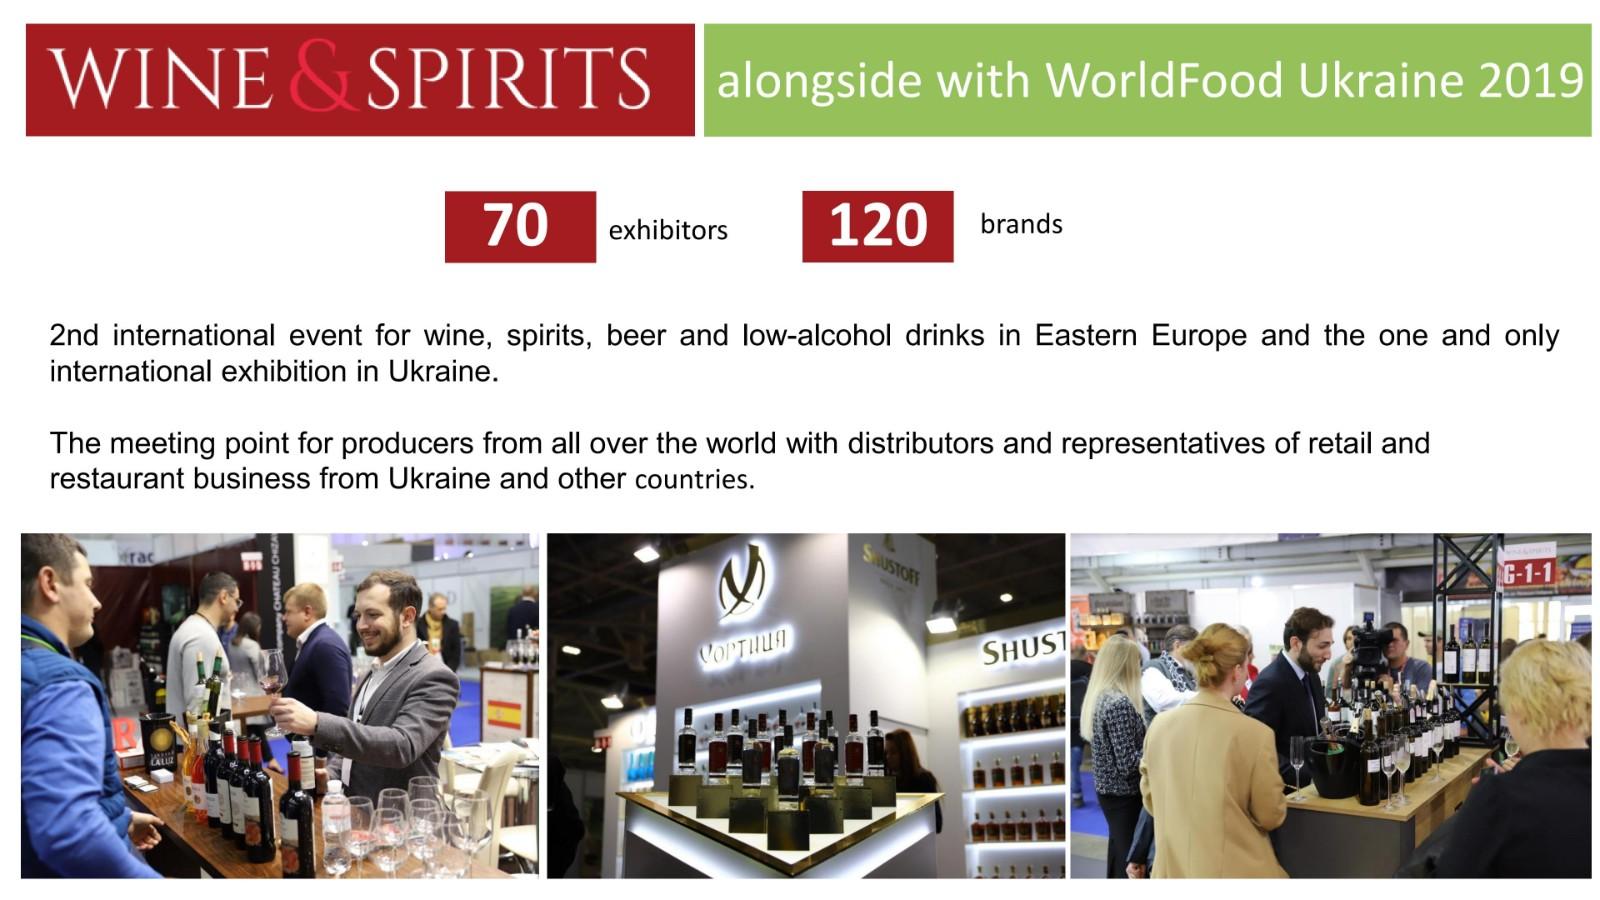 烏克蘭基輔食品飲料展覽會WorldFood Ukraine